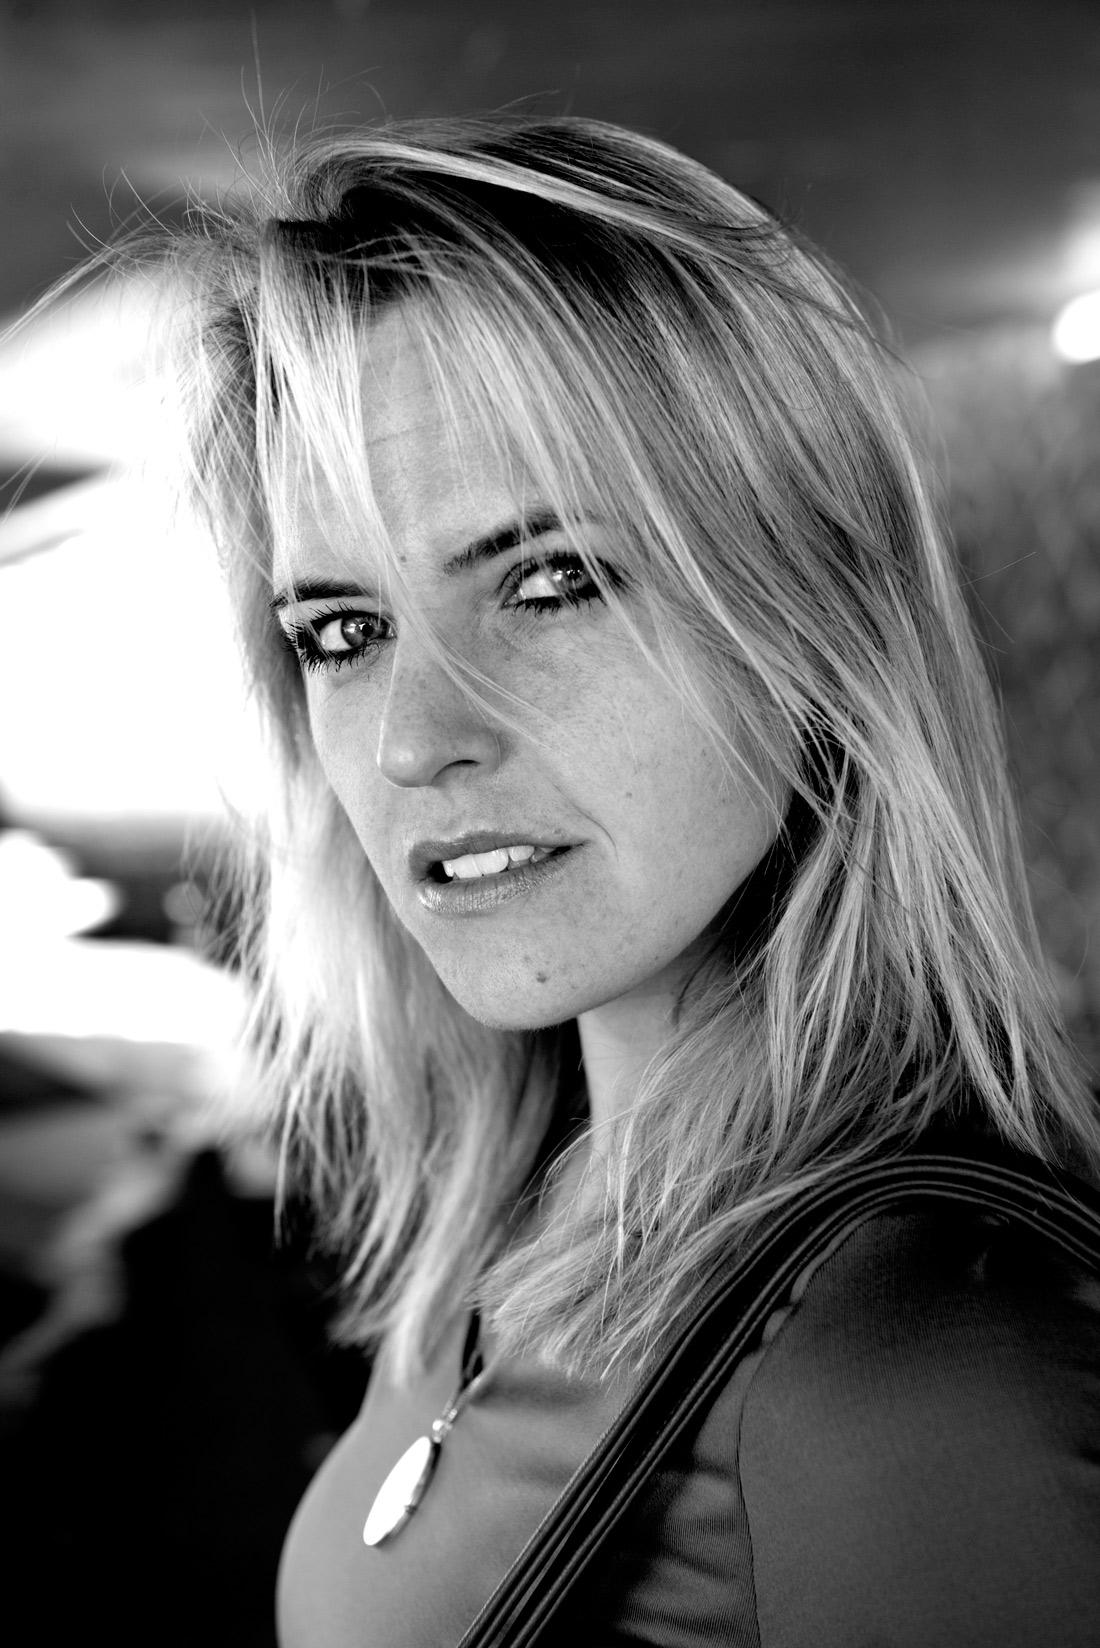 Bag-at-you---Fashion-blog---Susanne-bender-portret---by-Michiel-Goudswaard